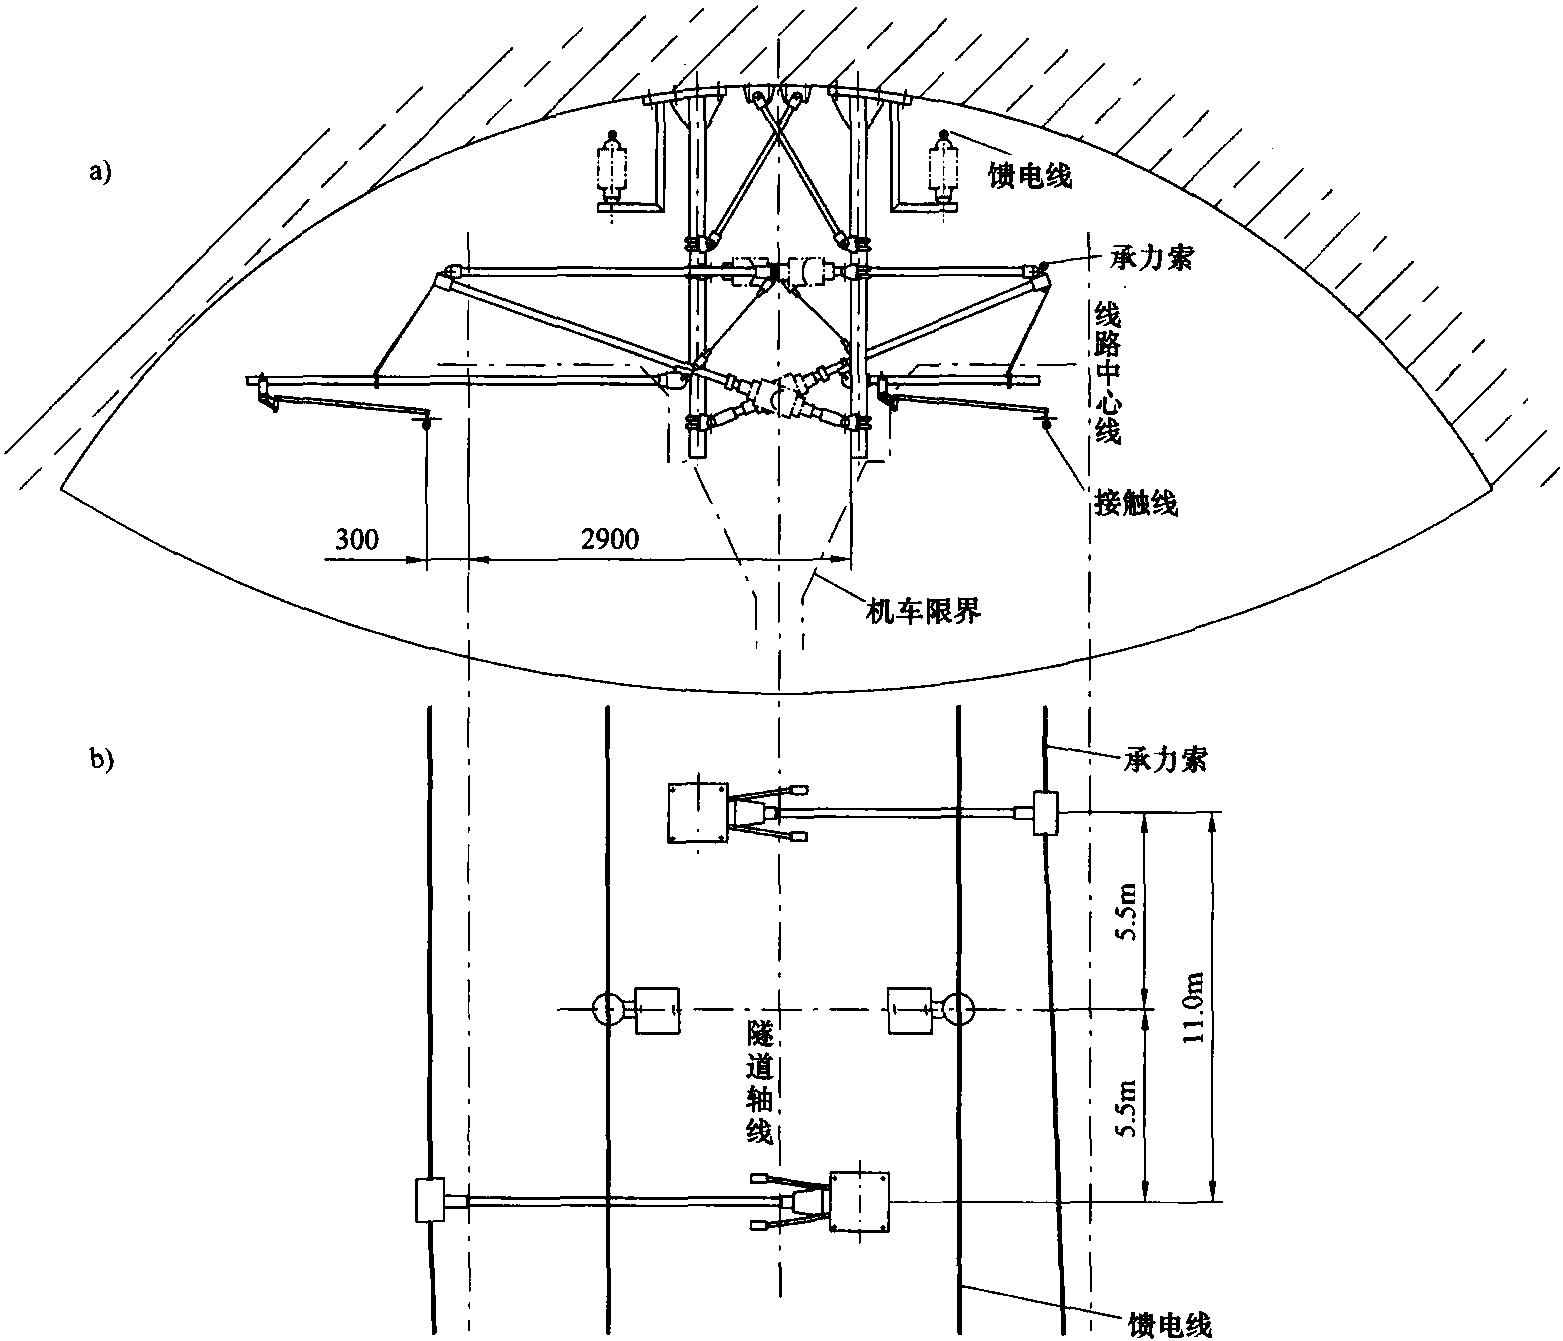 图4.42 德国铁路的re250型接触网在圆形隧道内的支持装置